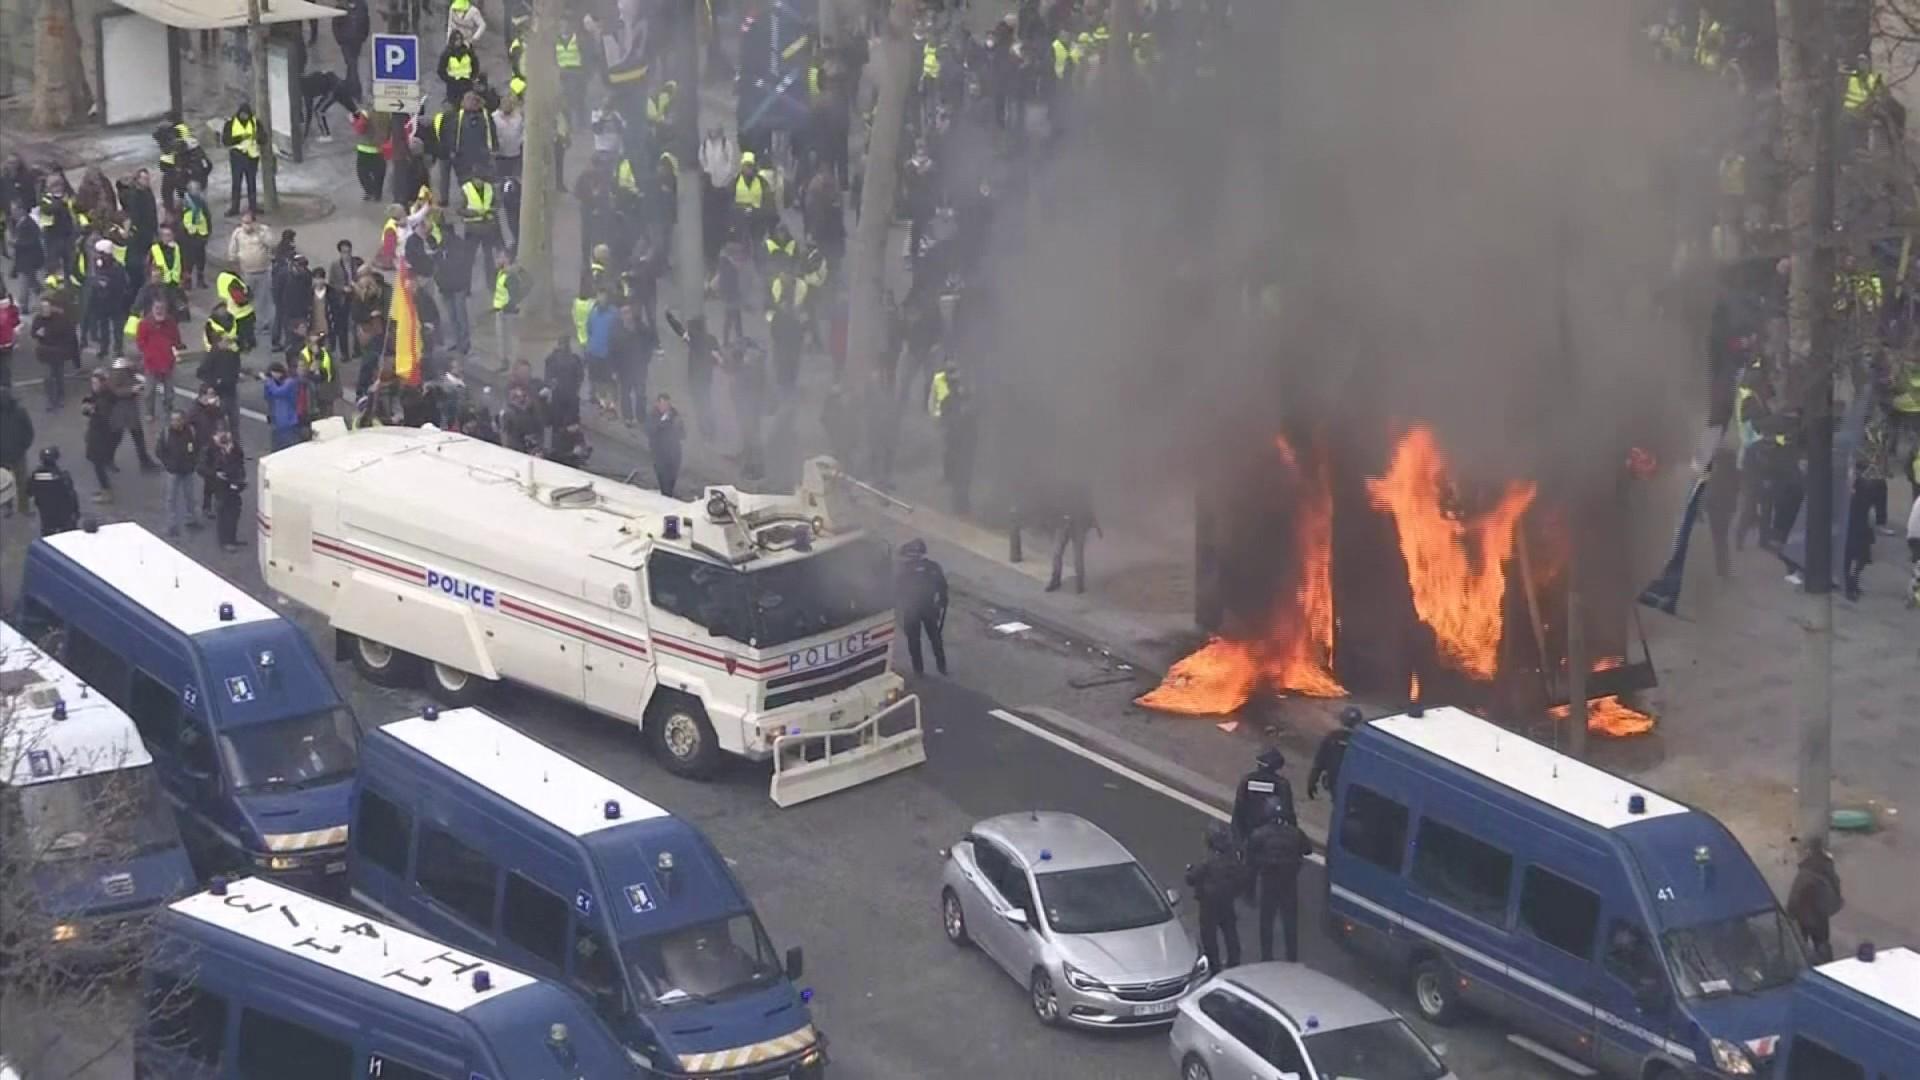 Gilets Jaunes : y a-t-il eu des failles dans le dispositif de sécurité sur les Champs-Élysées ?